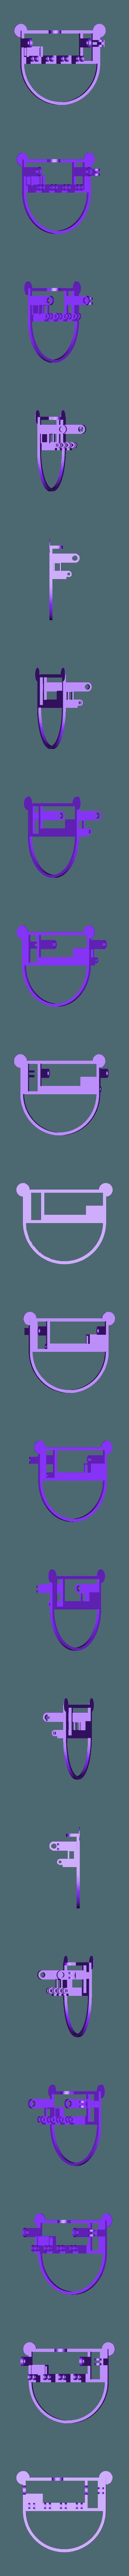 Base_Motorized.stl Download free STL file Impatience, Motorized • 3D printer object, gzumwalt